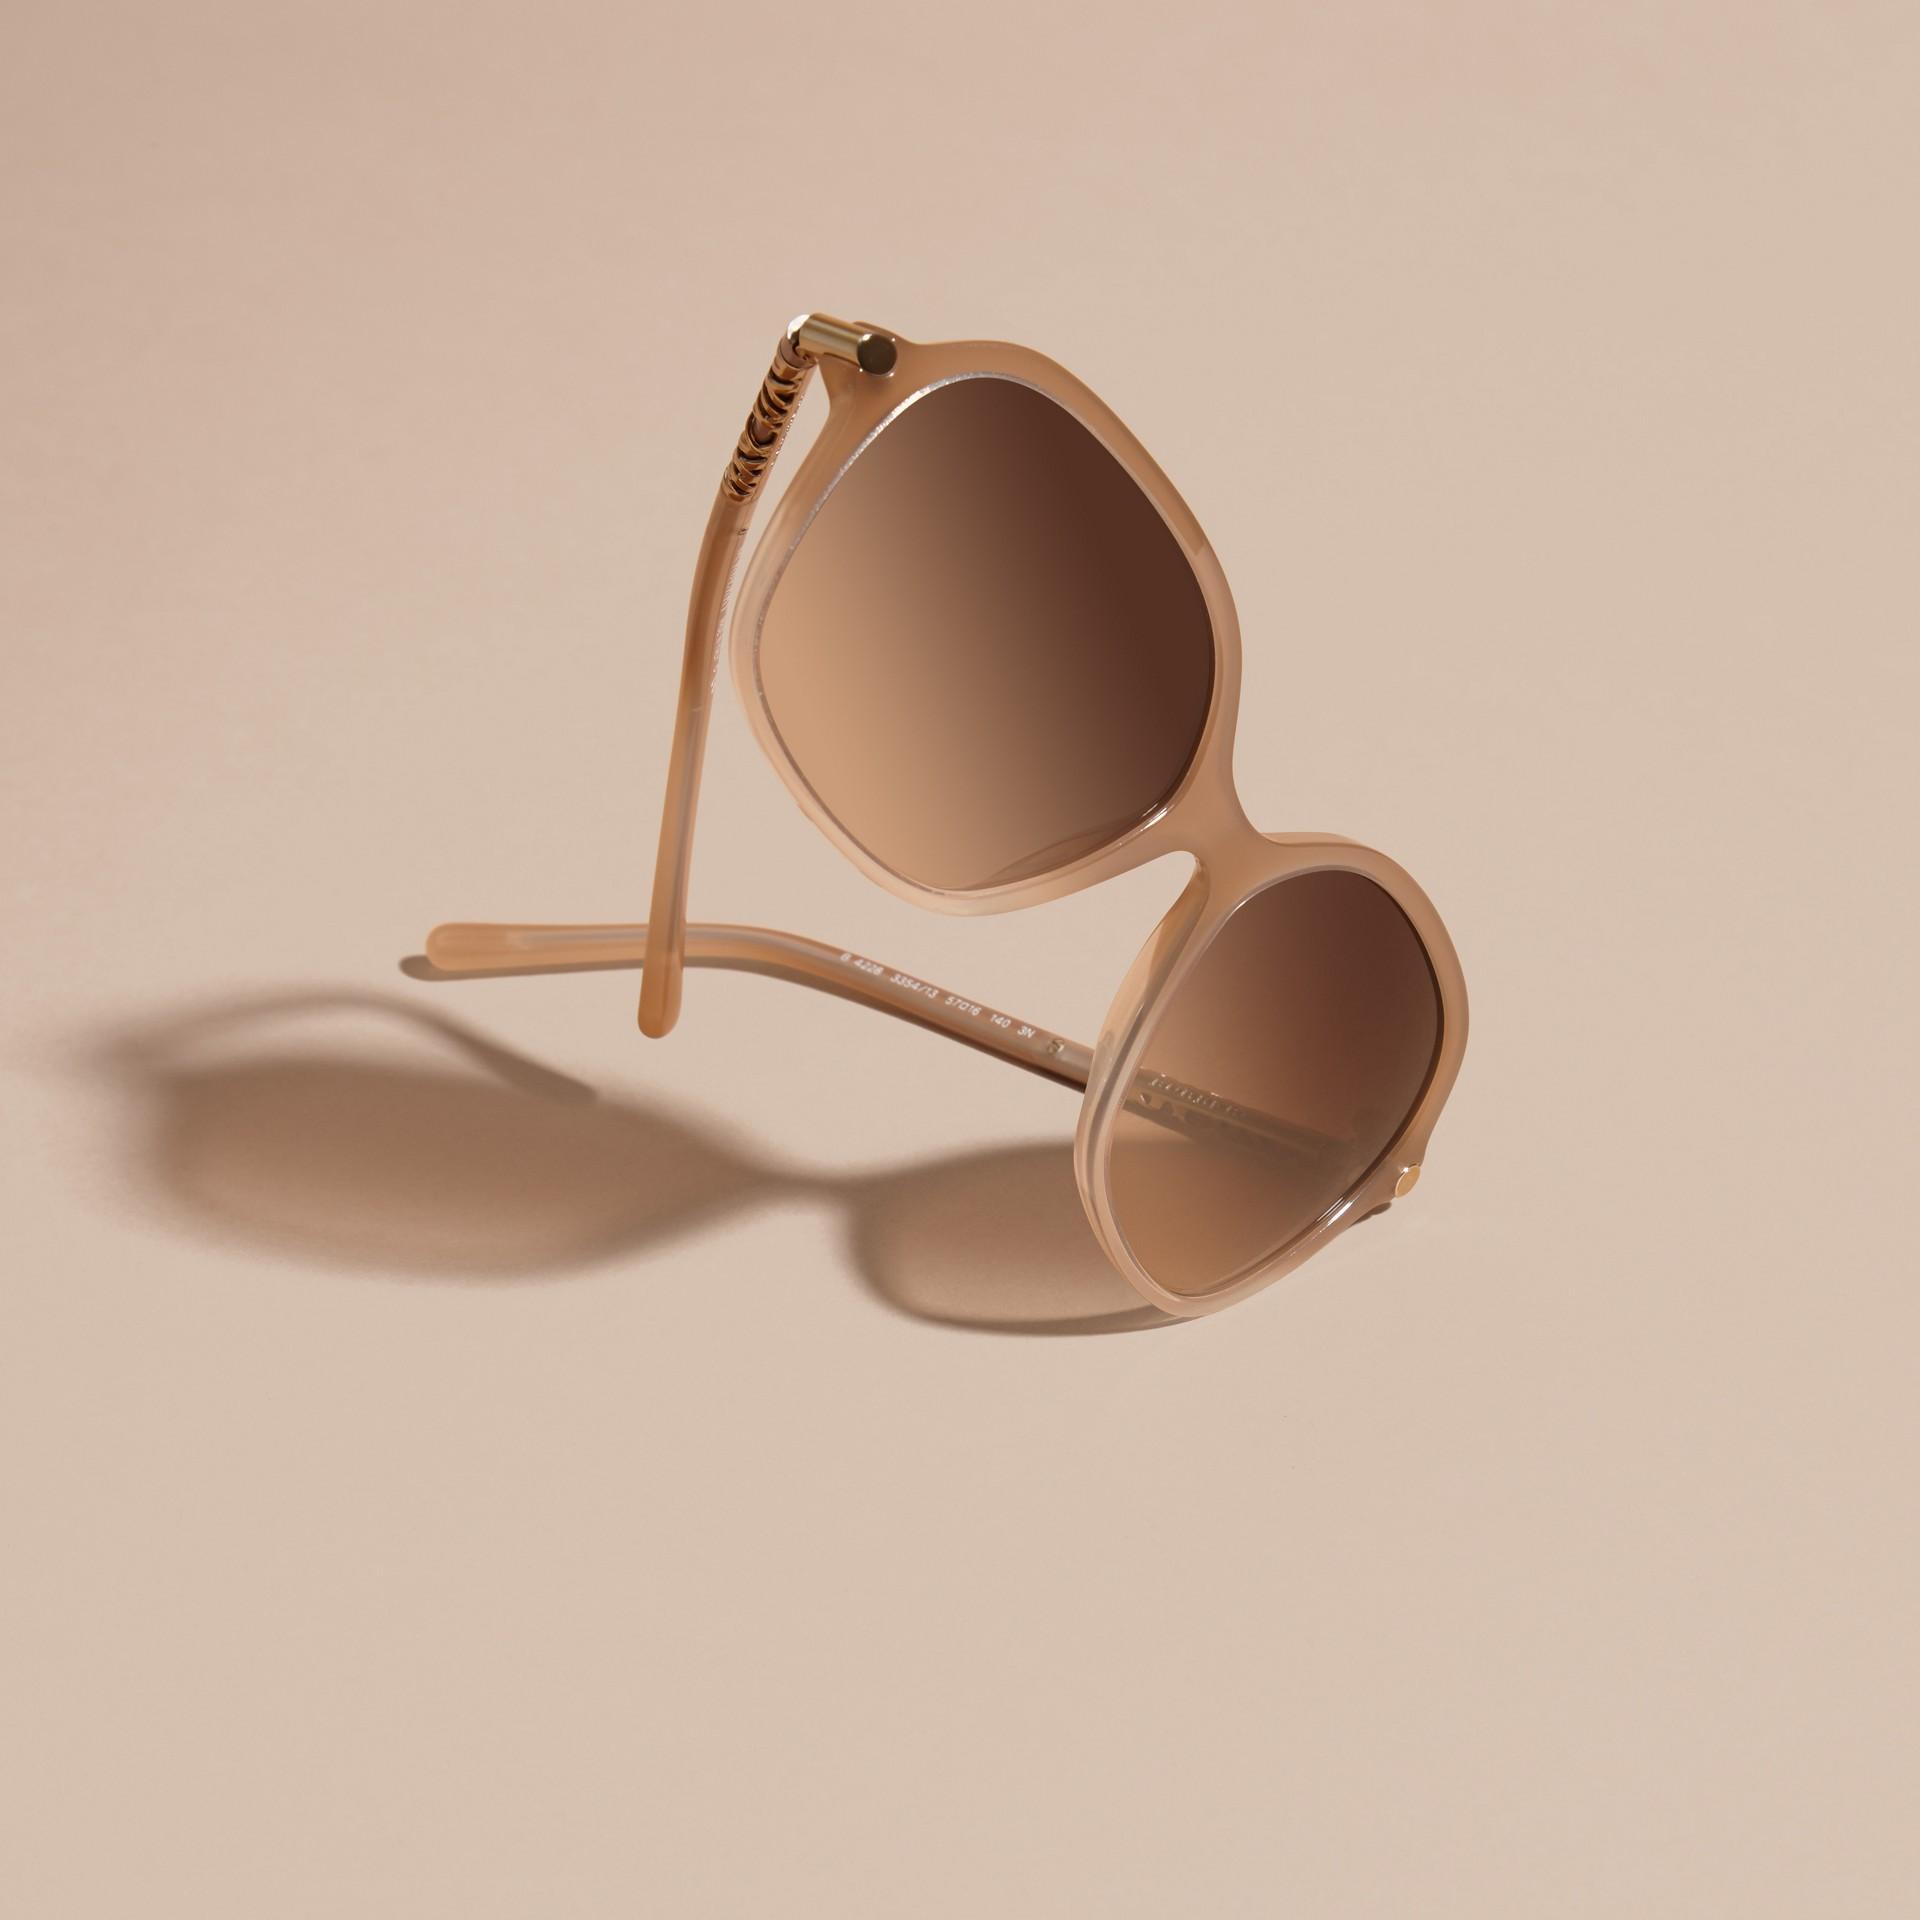 Chino grey Check Detail Round Frame Sunglasses Chino Grey - gallery image 3